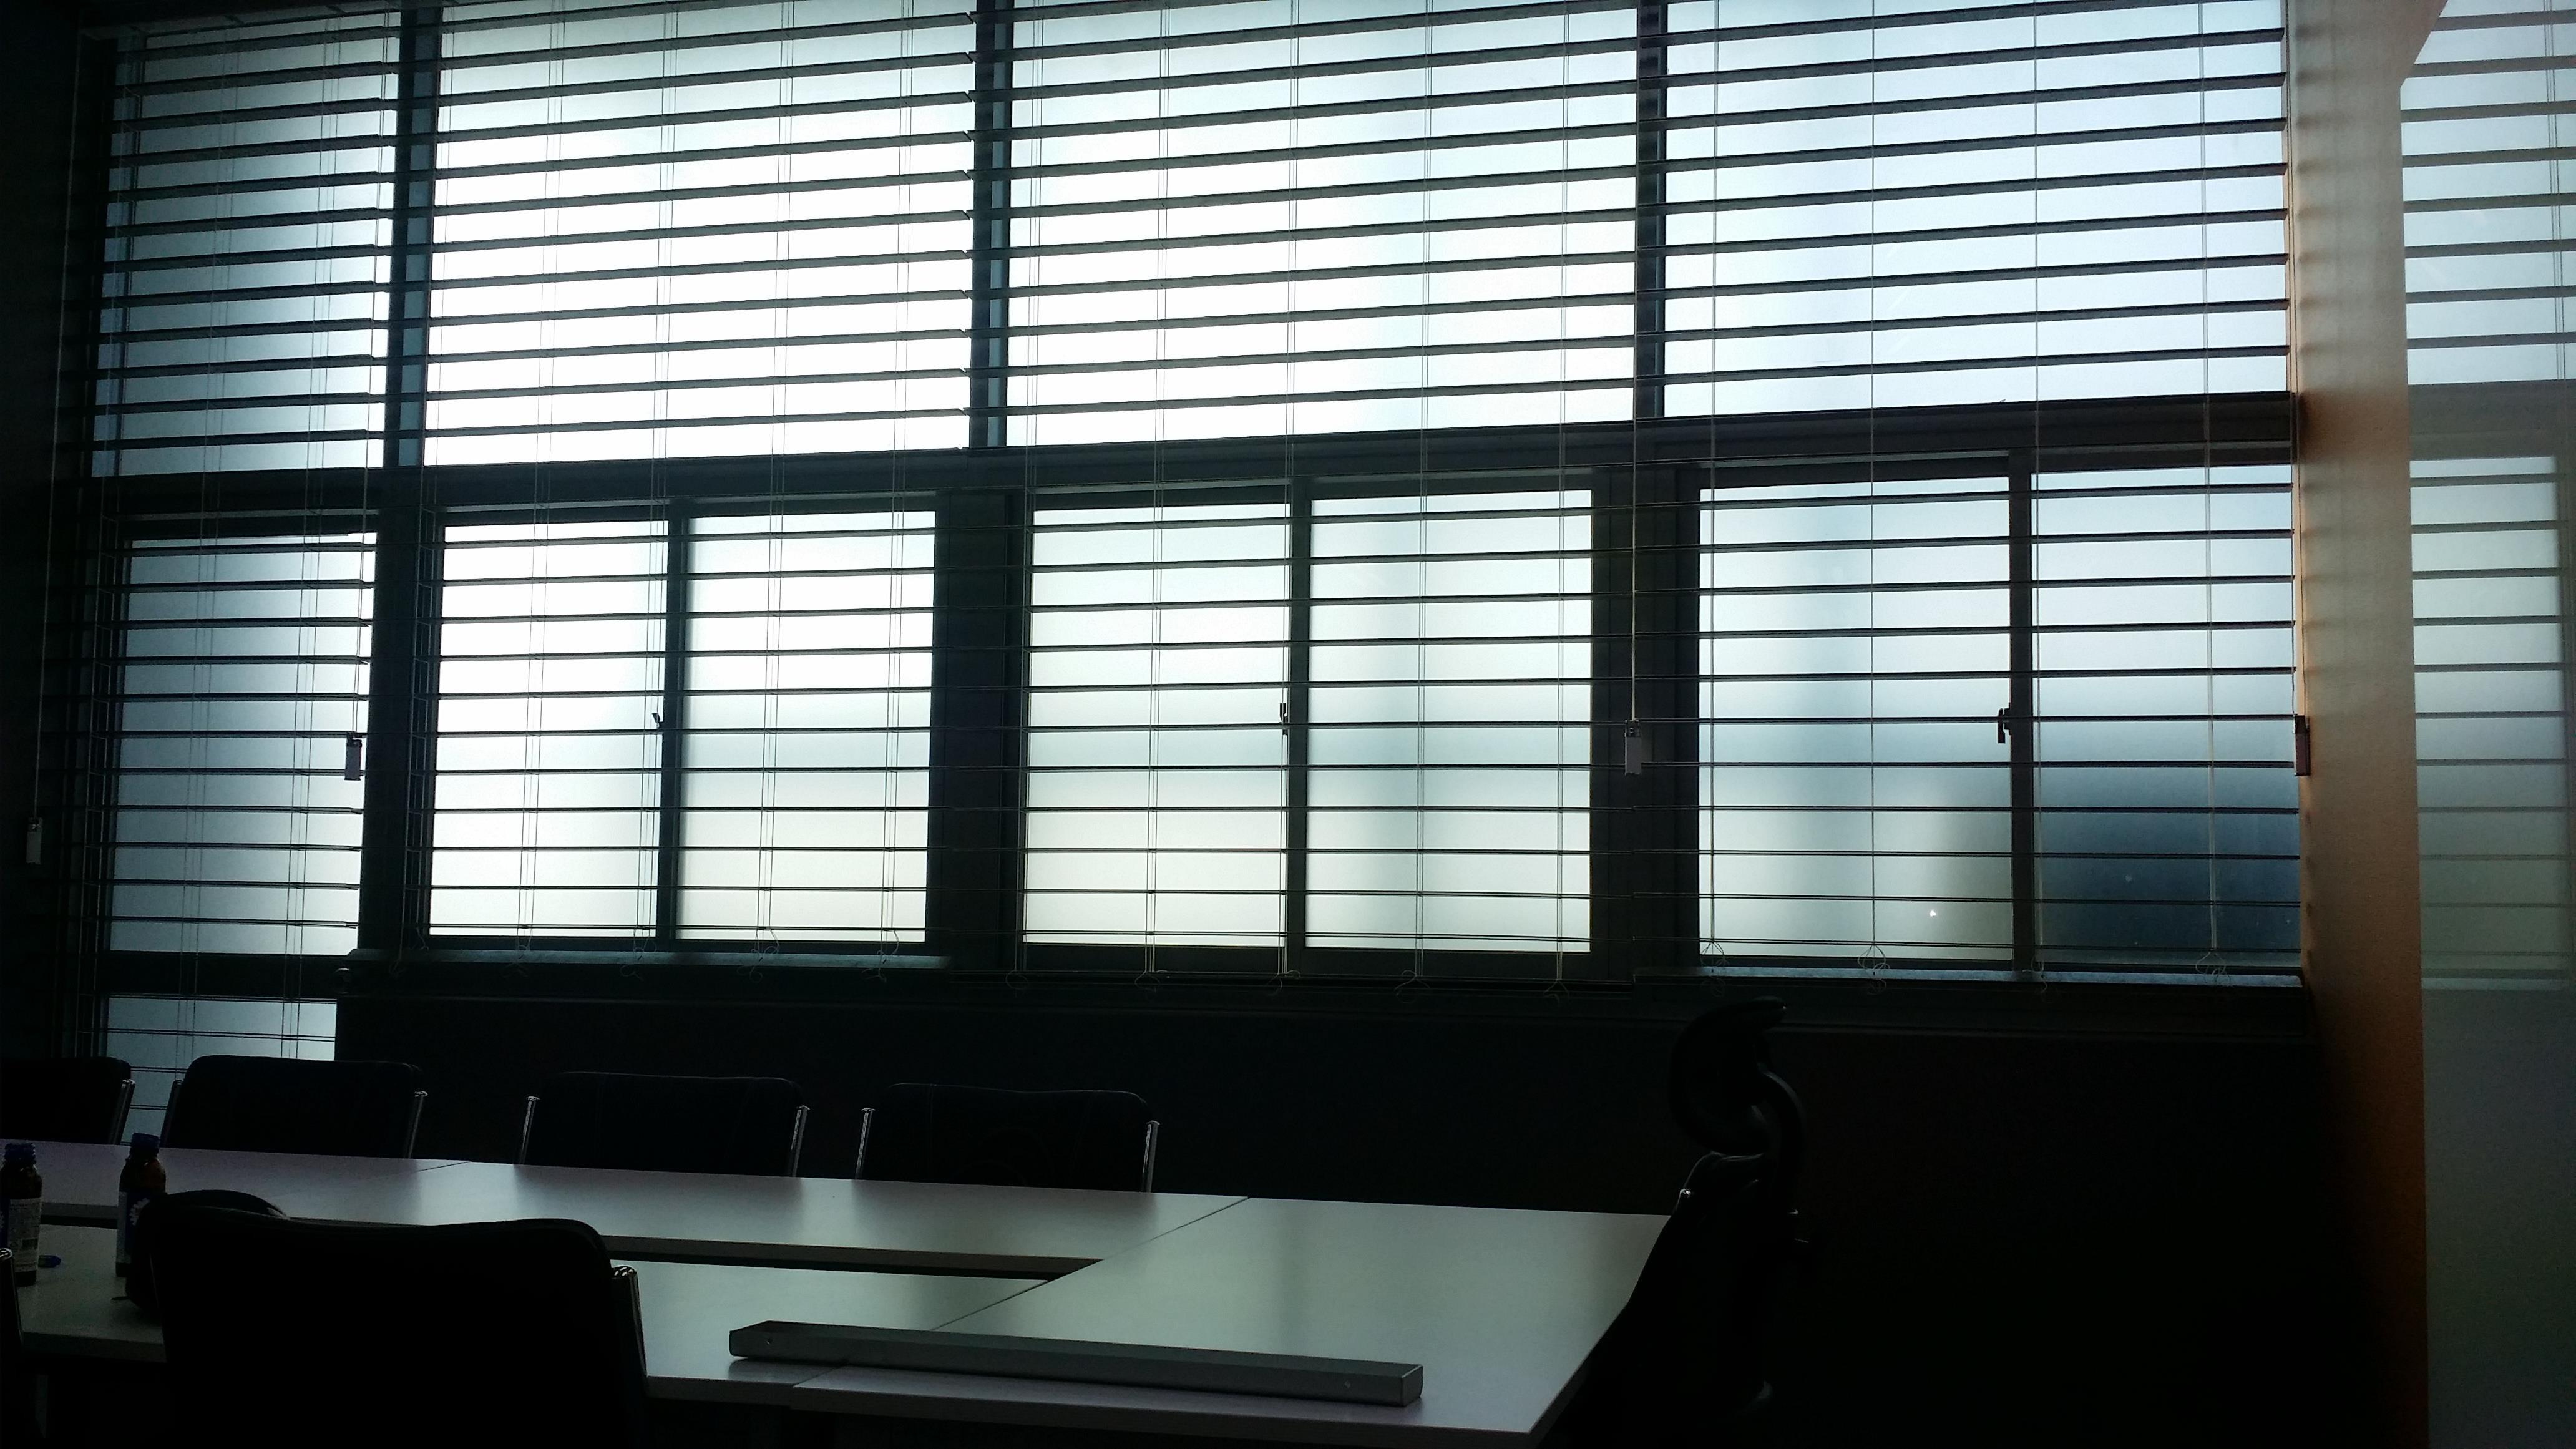 시흥시에 위치한 기업 회의실에 PS소재의 우드블라인드를  시공한 사례입니다.  외부로부터 유입되는 햇빛을 차단해주고  실내조명을 은은하게 반사하여 밝고 화사한 실내공간을 연출할 수 있는 장점이 있습니다.